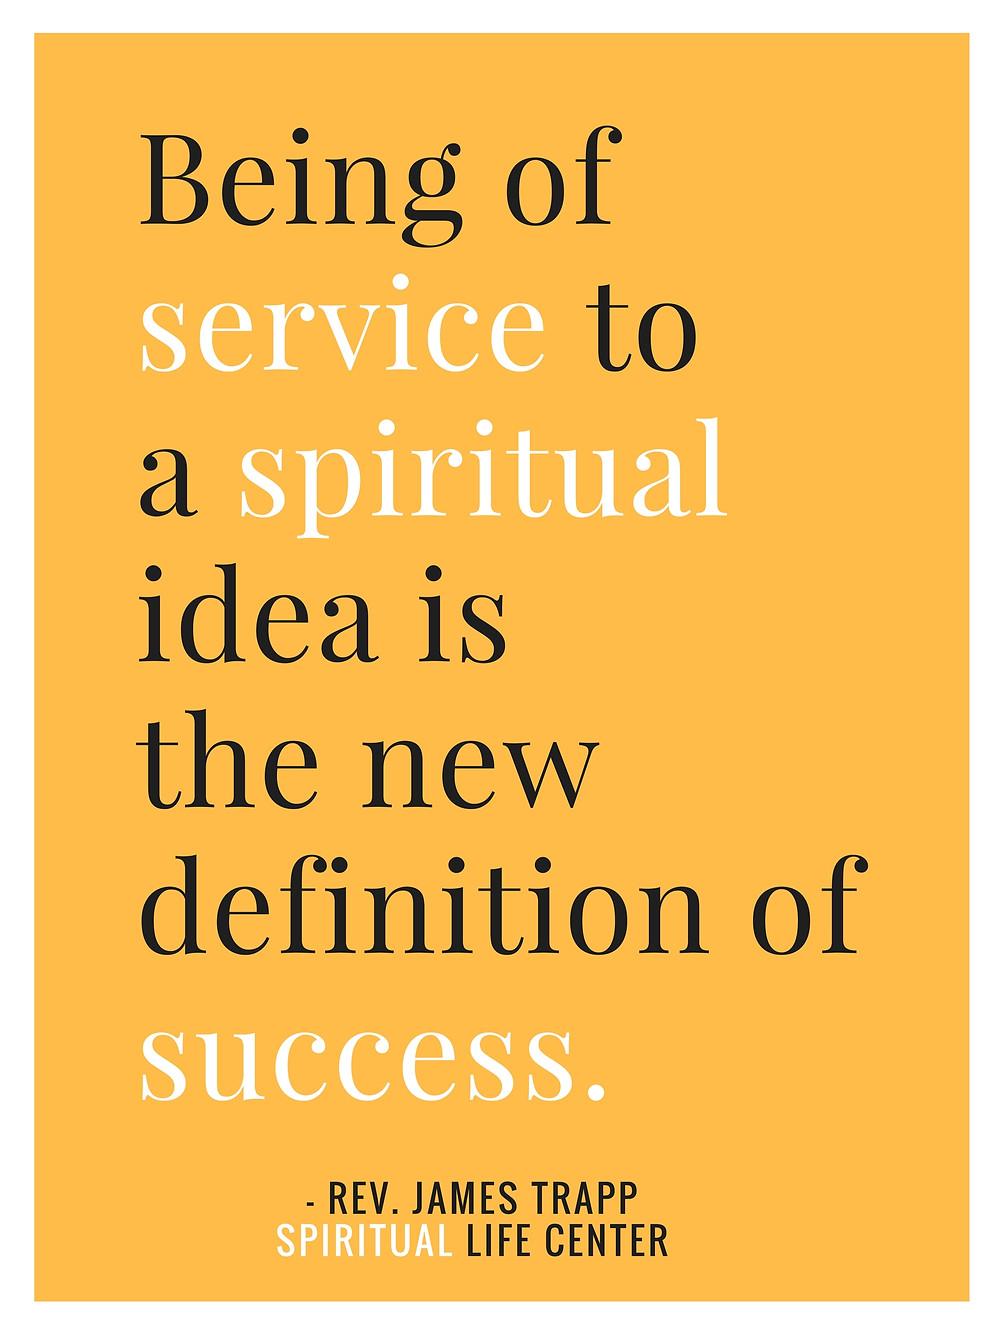 Spiritual Life Center quote